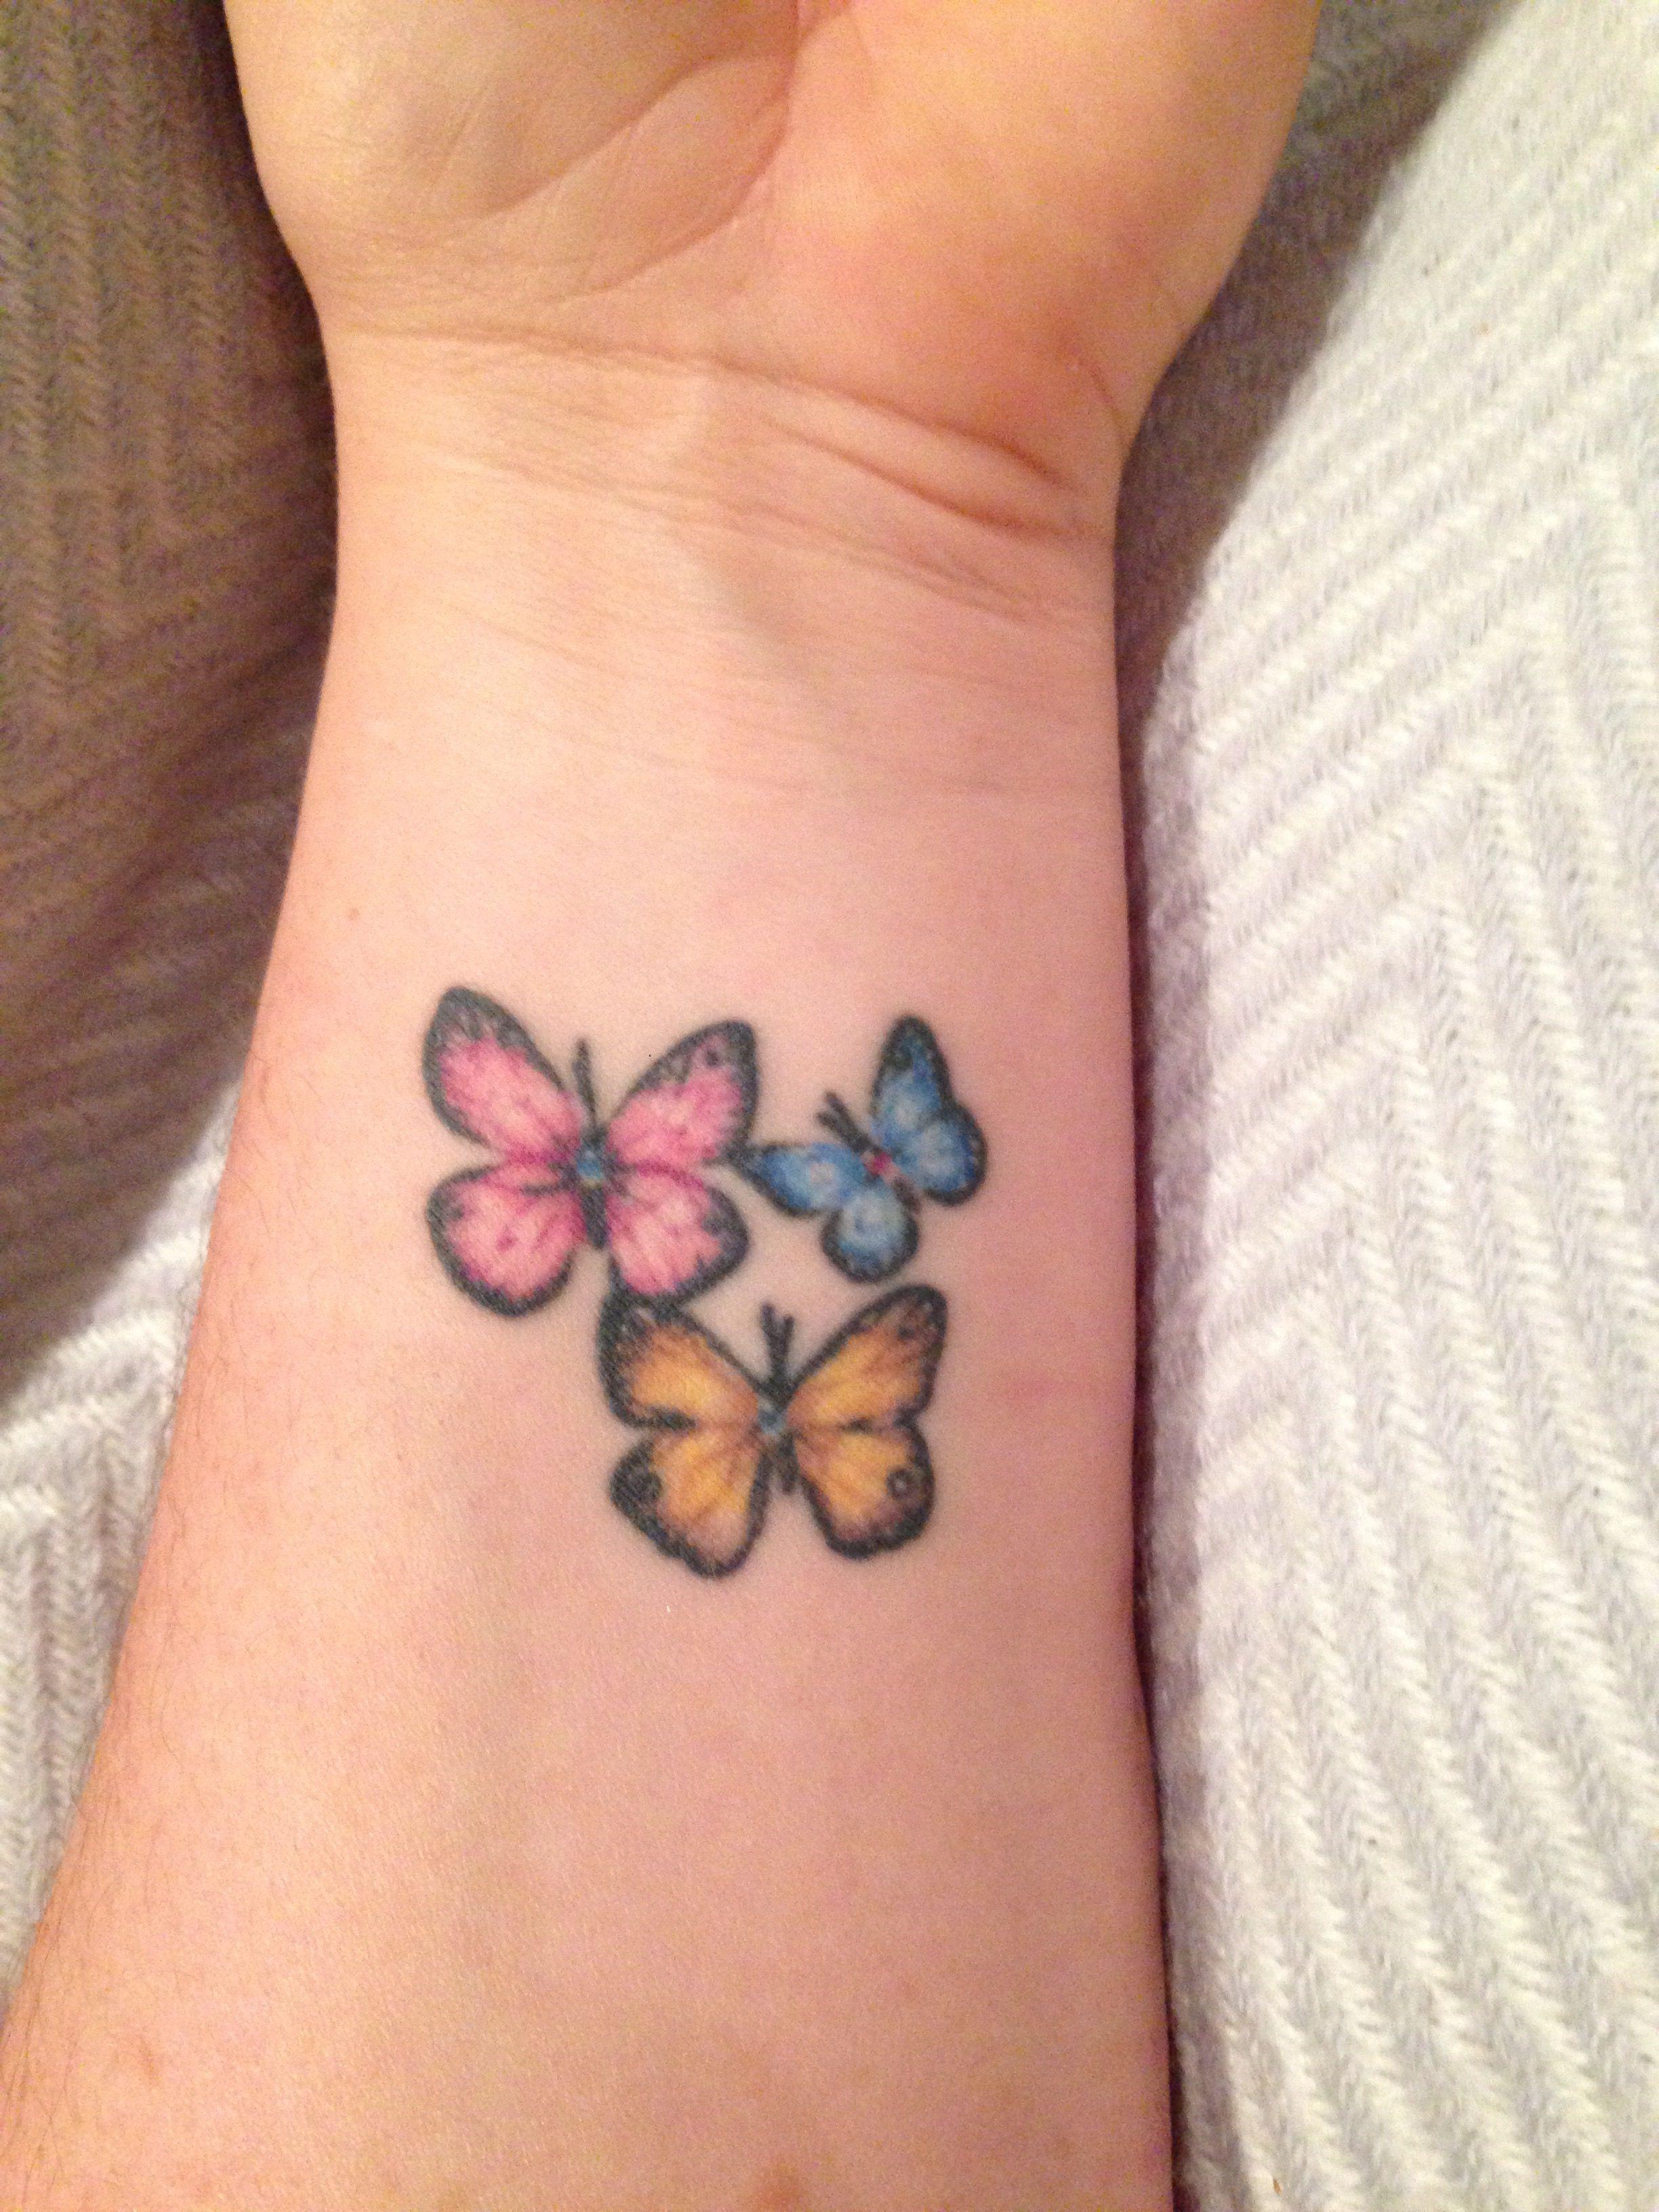 13f0f377111f3 Pretty butterflies Tattoo inner arm / wrist | tattoos | Tattoos ...